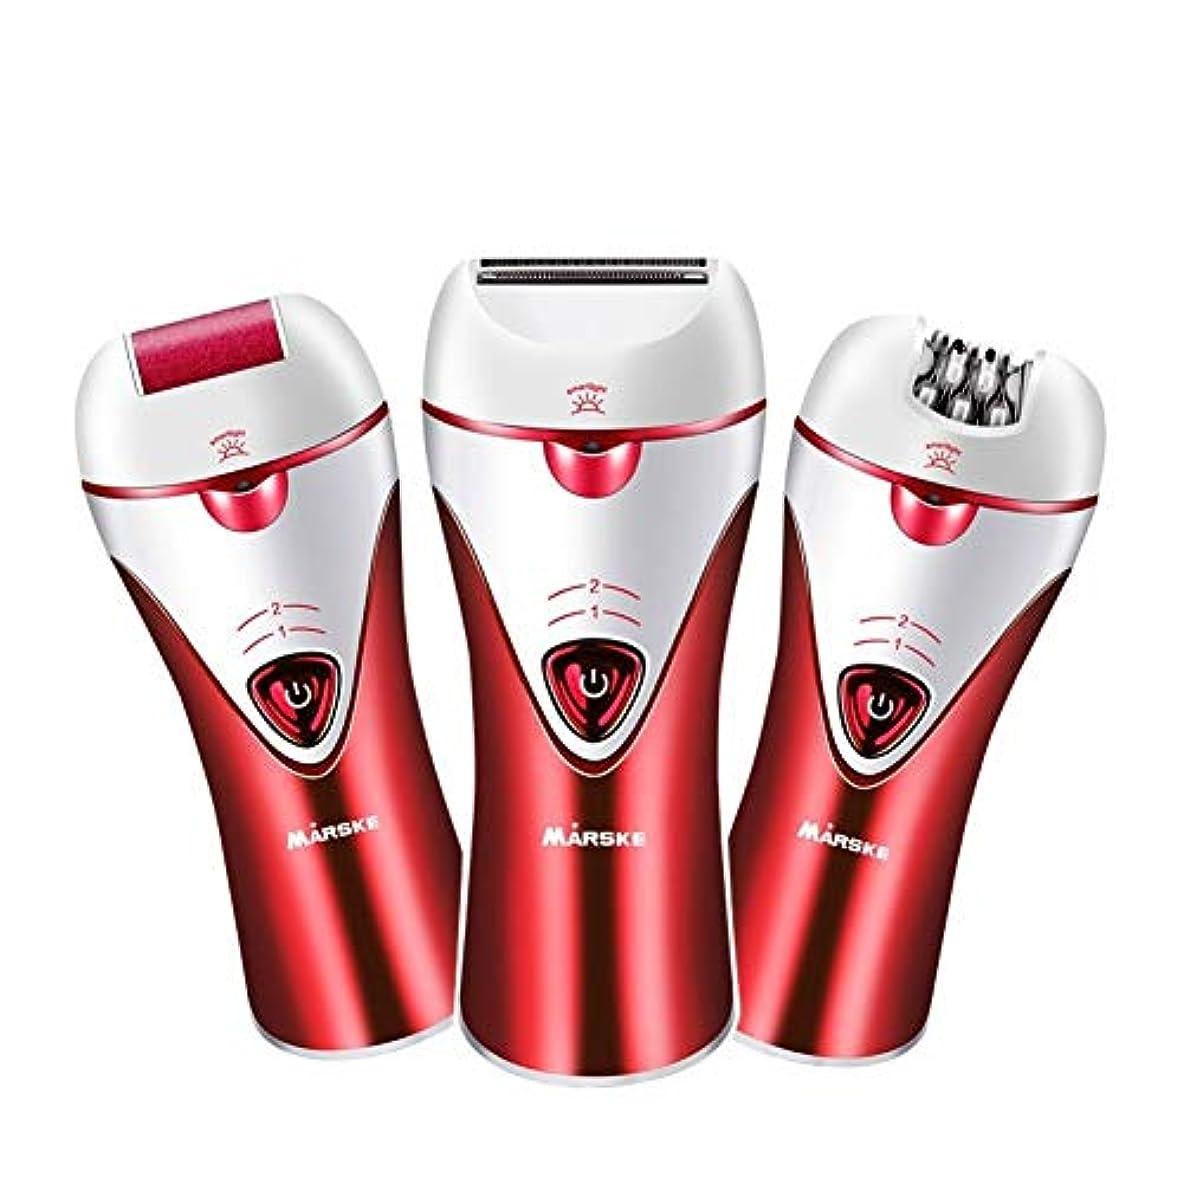 アジテーショングリーンバック自分のためにTrliy- 充電式電動脱毛器、女性のための痛みのない快適さスキンケア脱毛ツール浴室ウェットとドライ脱毛器 (Color : Red)